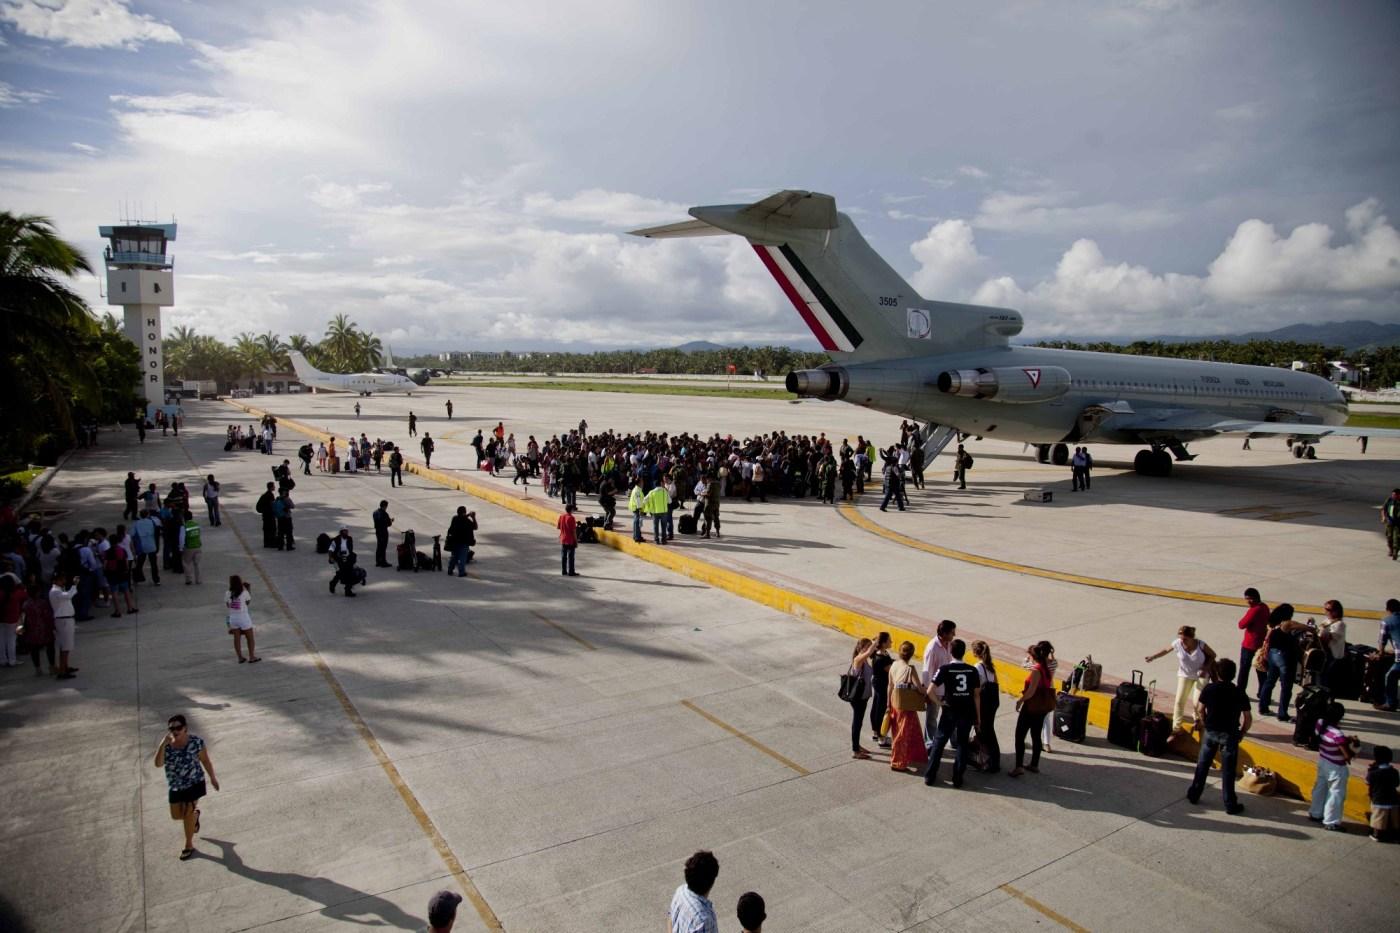 Cientos de turistas se reúnen afuera de un avión de la Fuerza Aérea Mexicana para ser evacuados en la base Pie de la Cuesta, cerca de Acapulco tras una tormenta tropical en el año 2013.